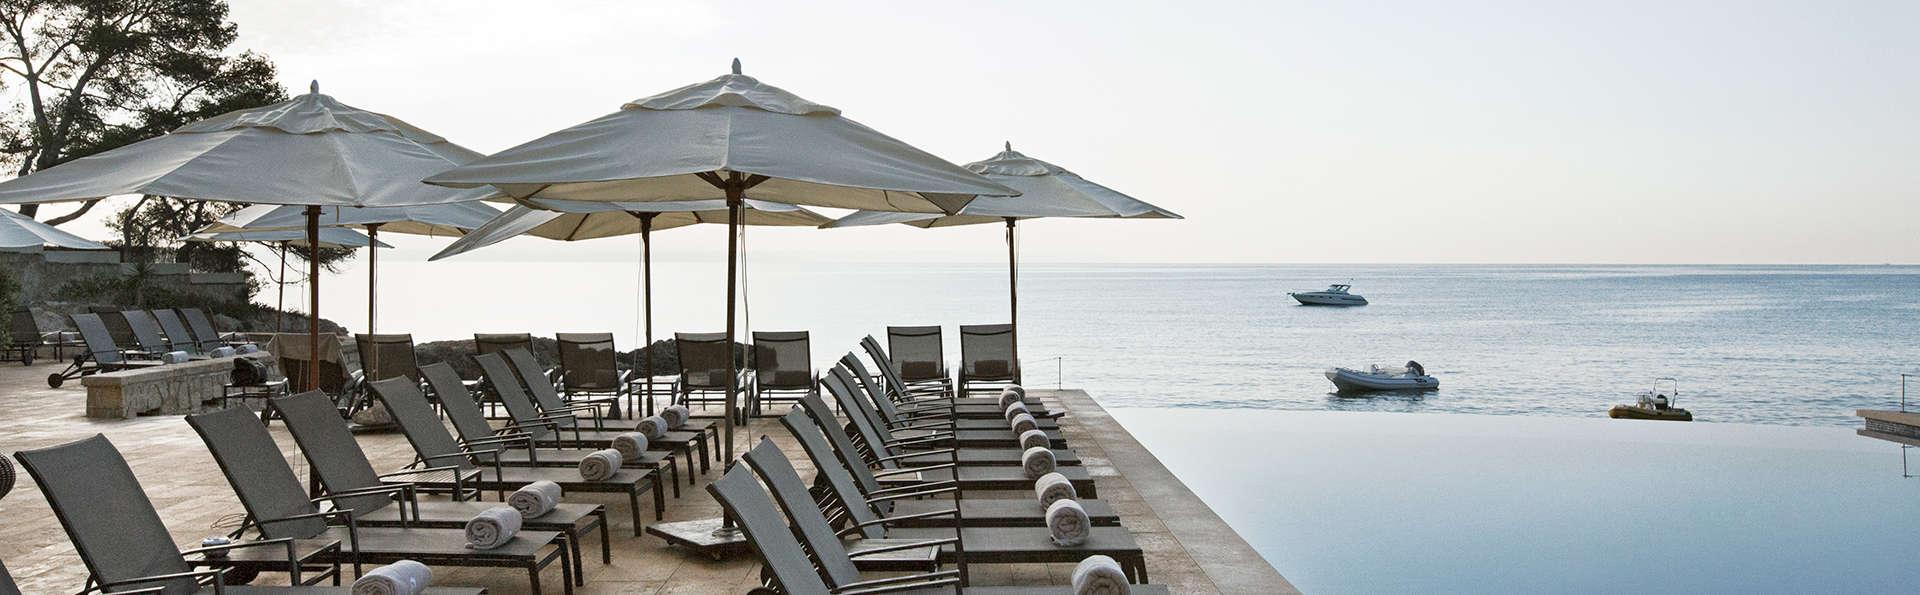 Siéntete como un Rey: Cena romántica, masaje balines, piscina zen en habitación y spa